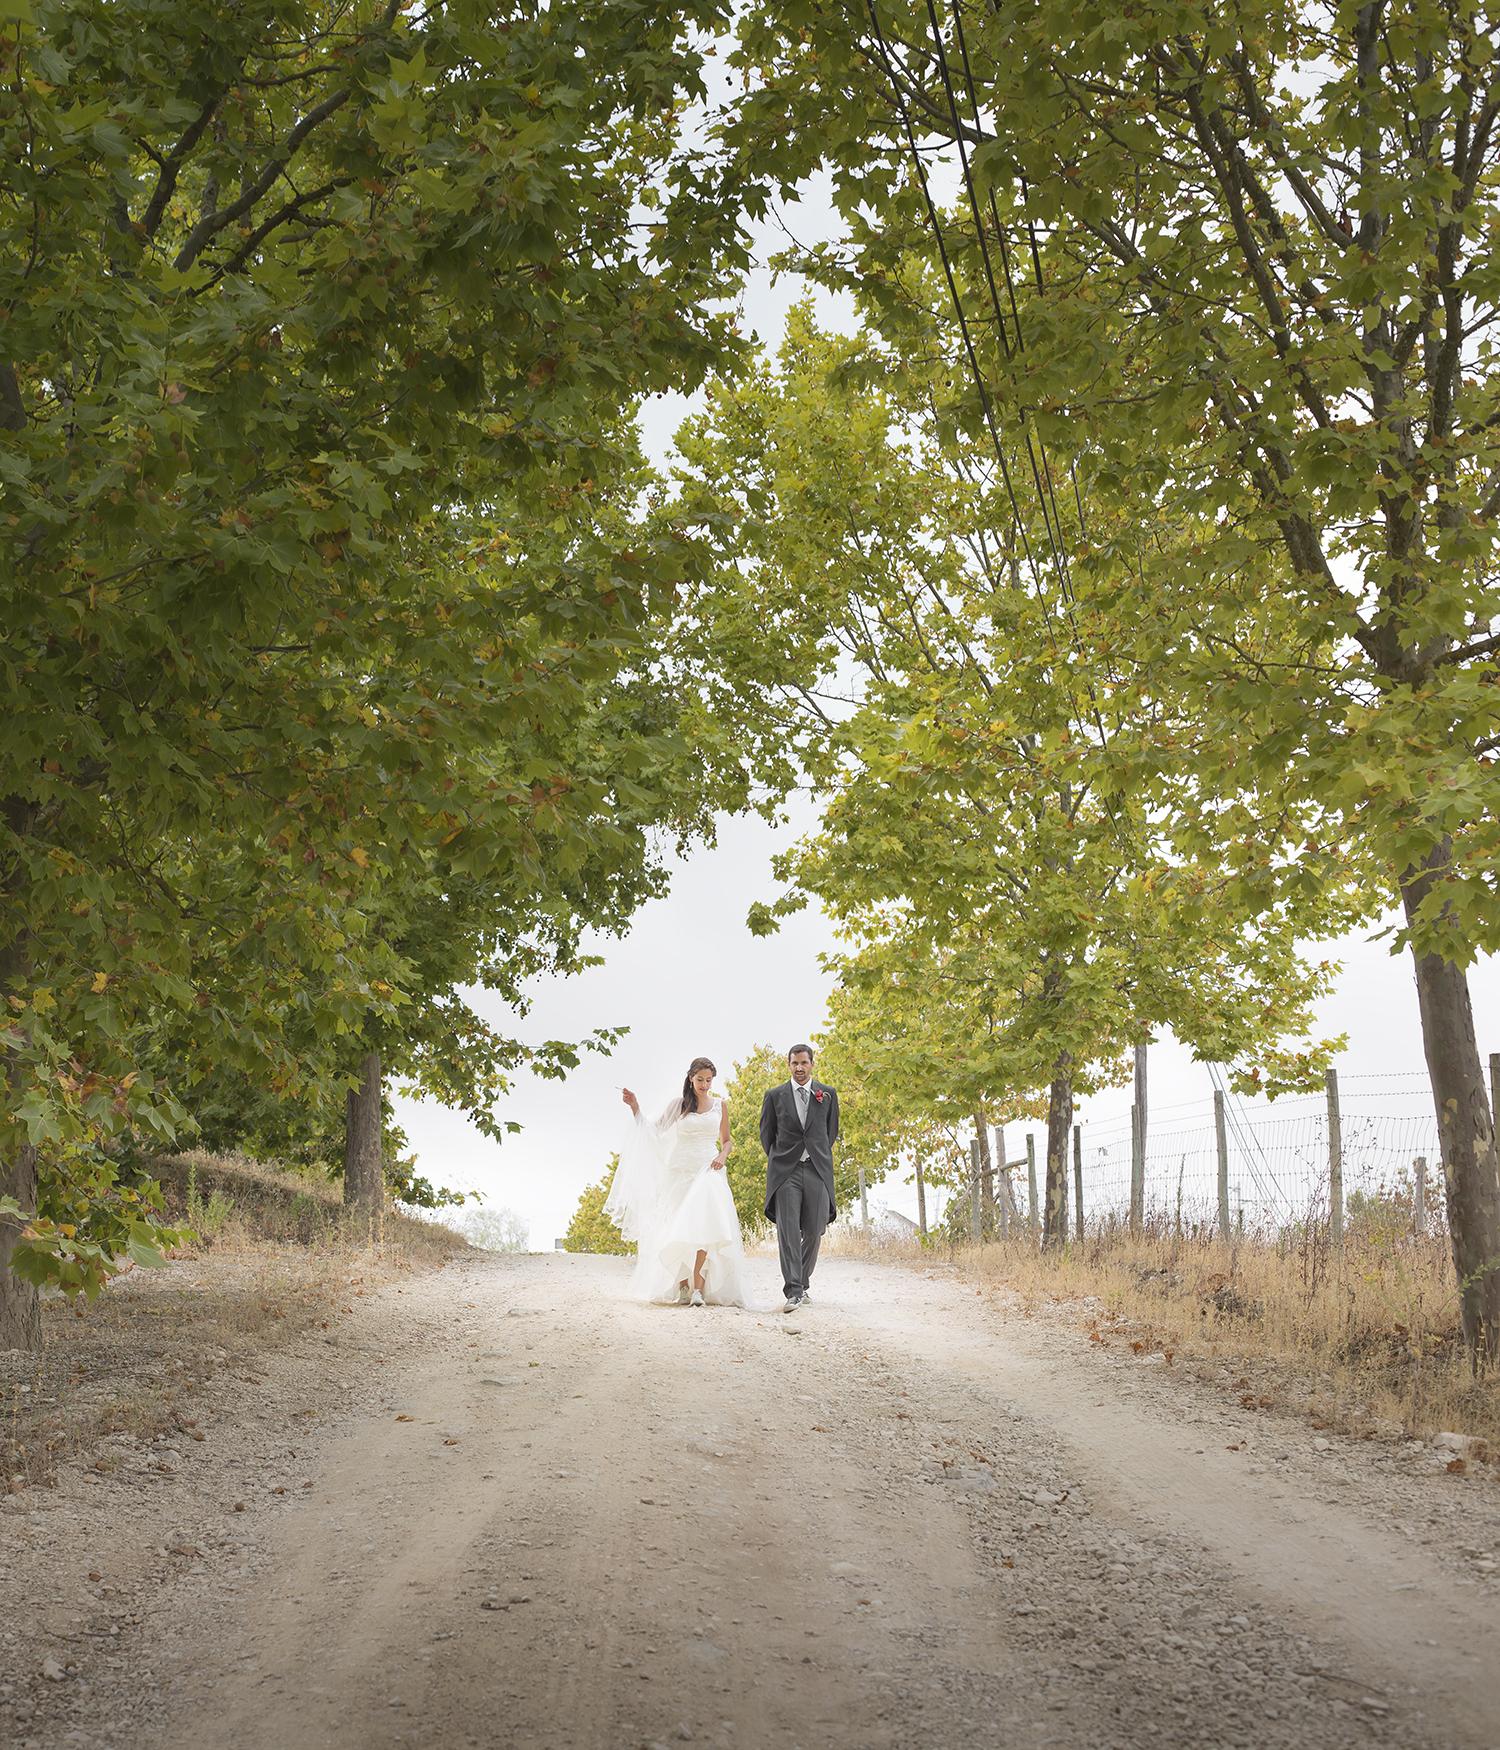 reportagem-casamento-quinta-bichinha-alenquer-terra-fotografia-201.jpg